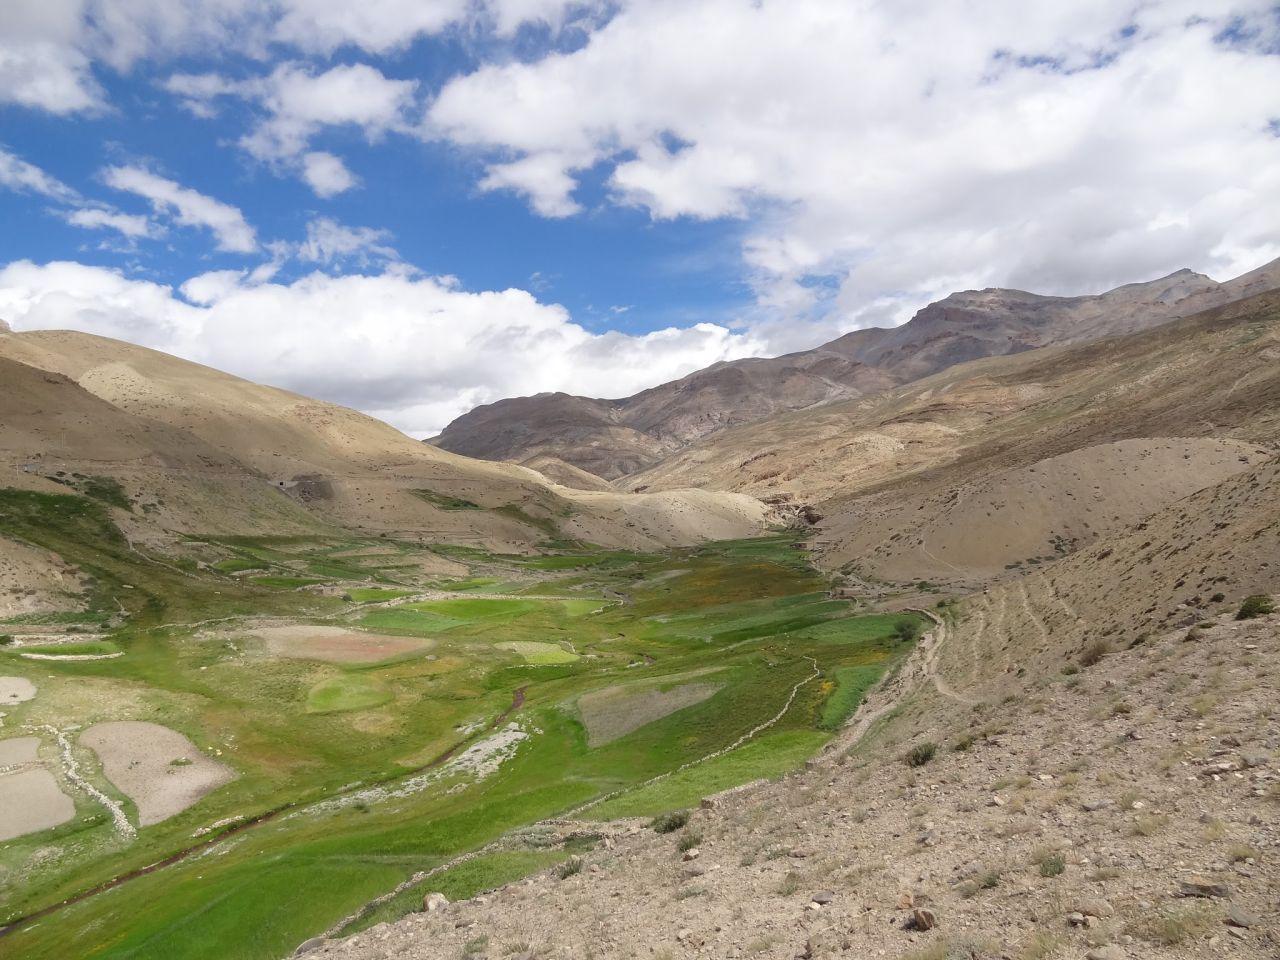 Green fields of Dumla villagers of Spiti